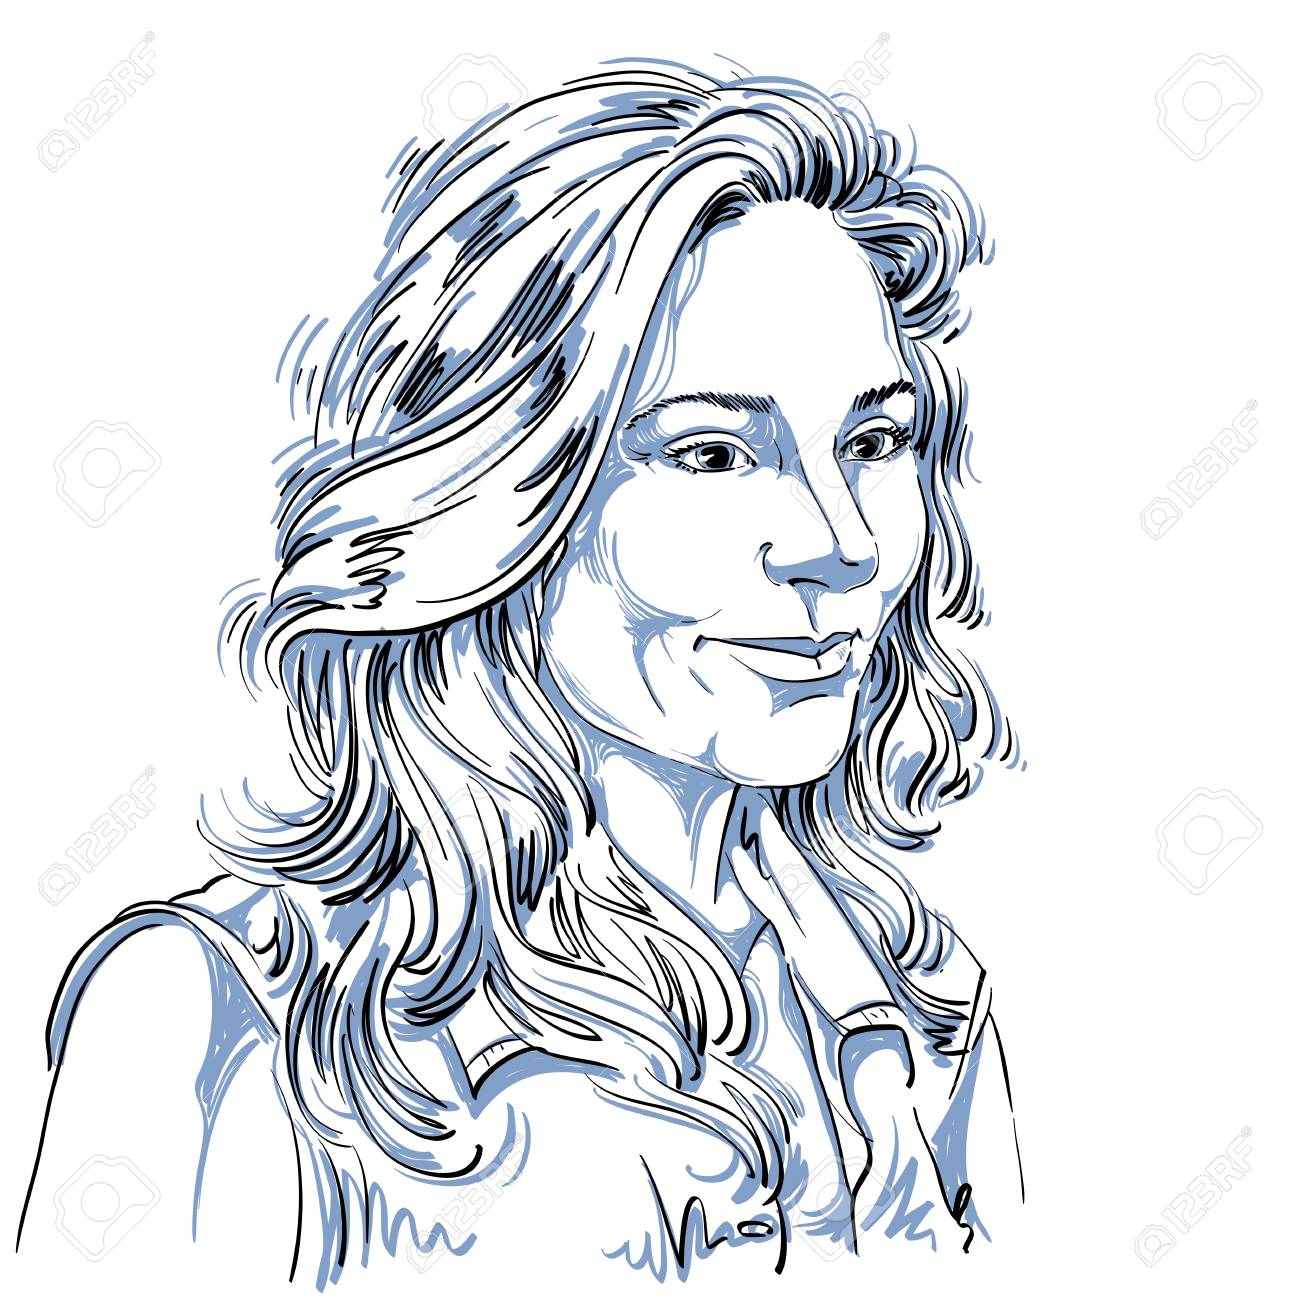 Vector Art Dessin Portrait De Fille Magnifique Rêve Isolé Sur Blanc Les Expressions Faciales Les Gens Des émotions Positives Caucasienne